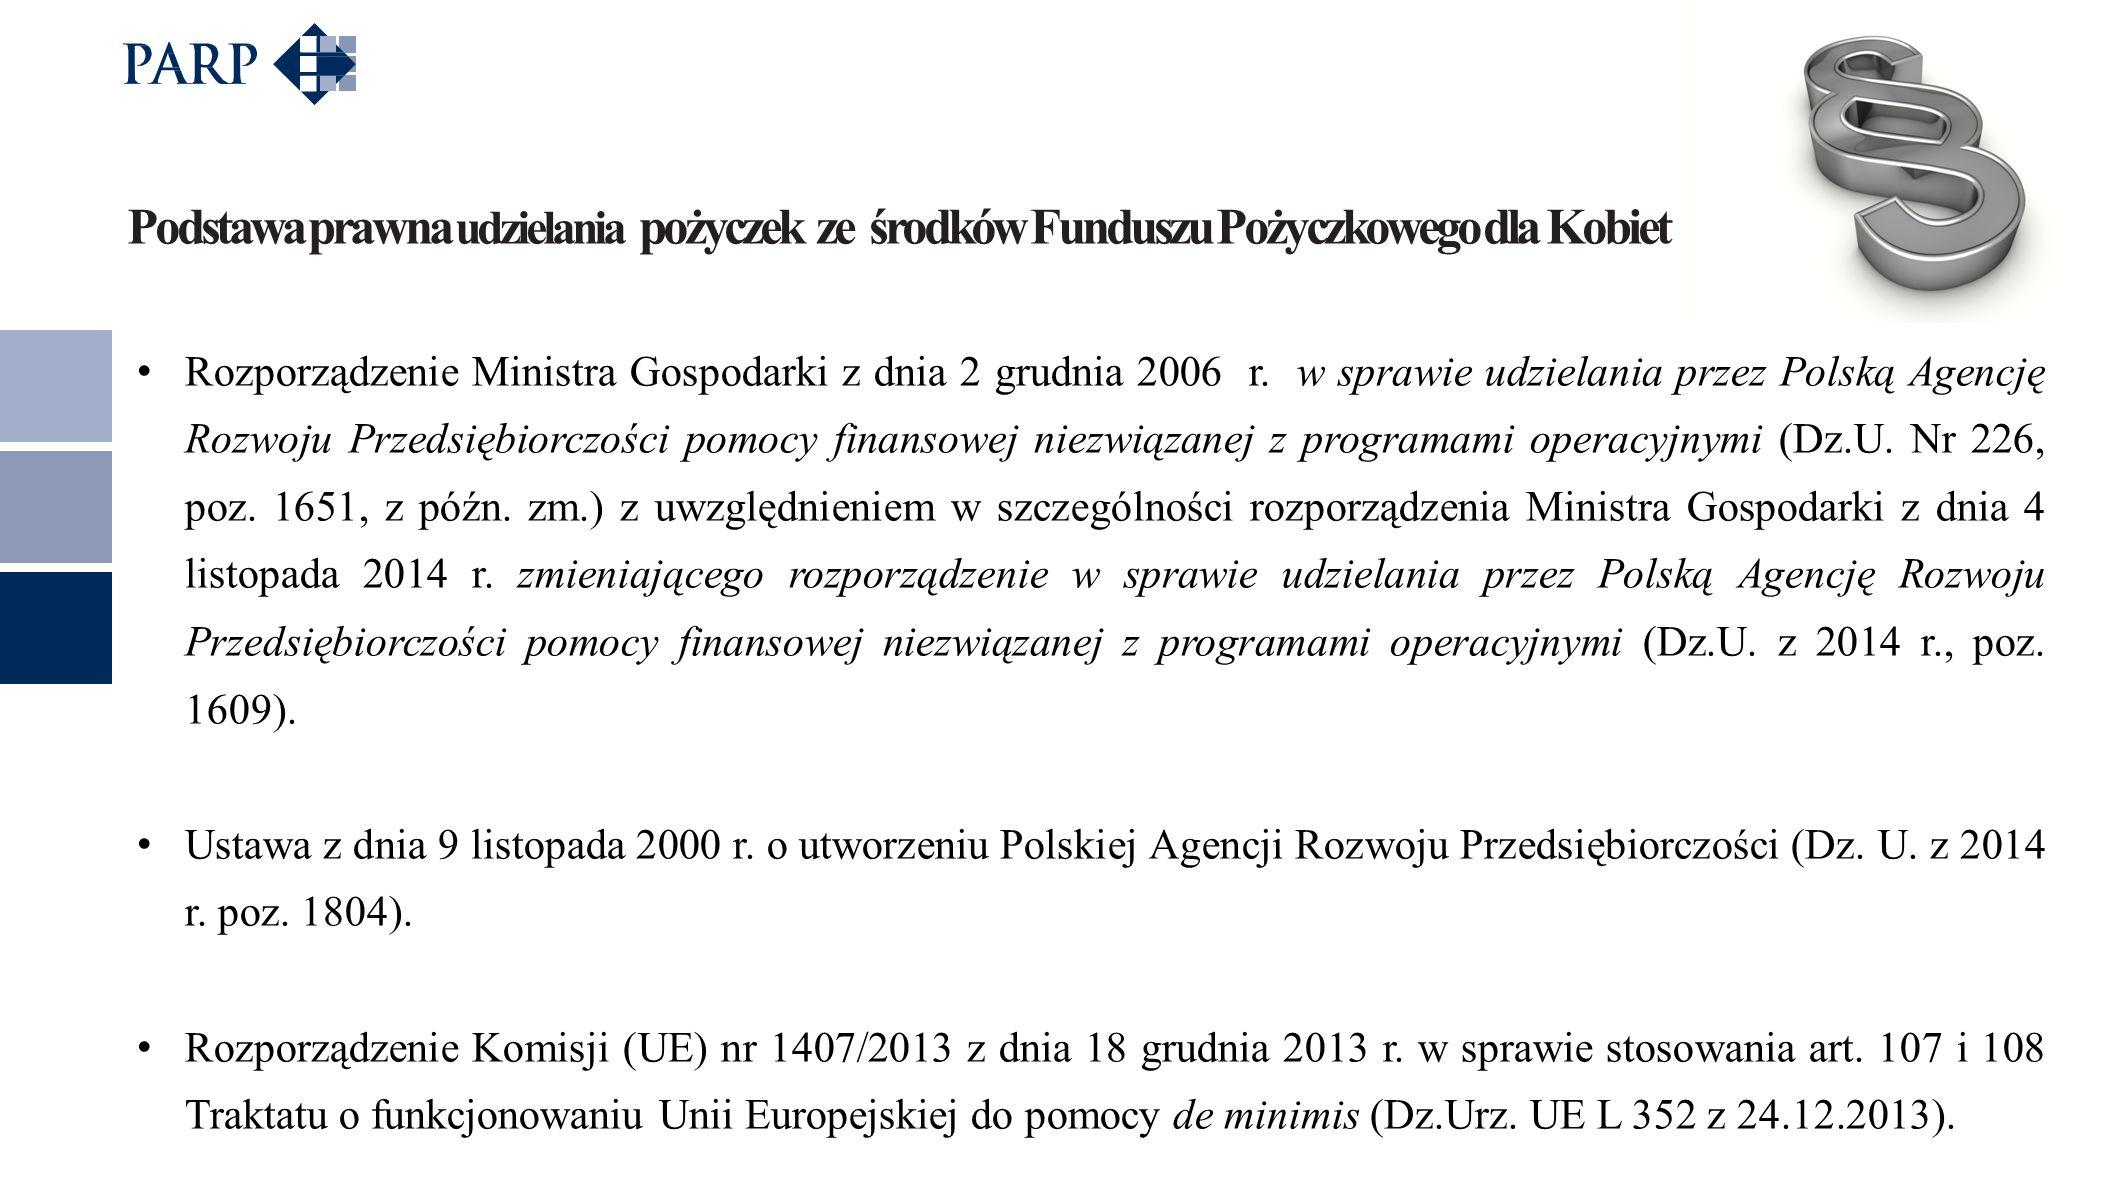 Podstawa prawna udzielania pożyczek ze środków Funduszu Pożyczkowego dla Kobiet Rozporządzenie Ministra Gospodarki z dnia 2 grudnia 2006 r.